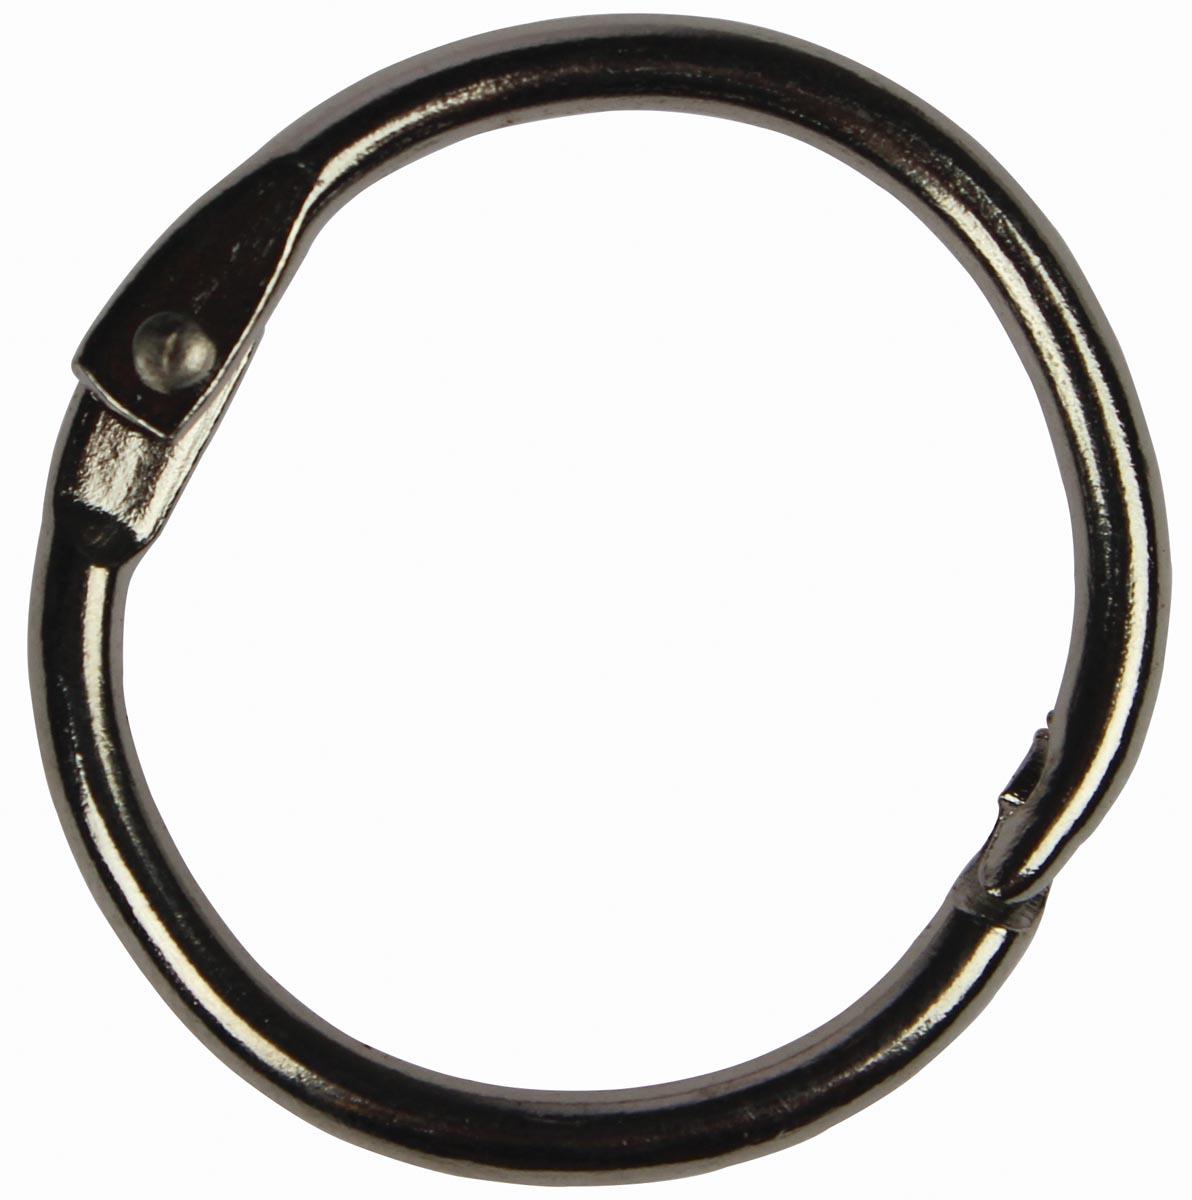 Gebroken ringen diameter 32 mm